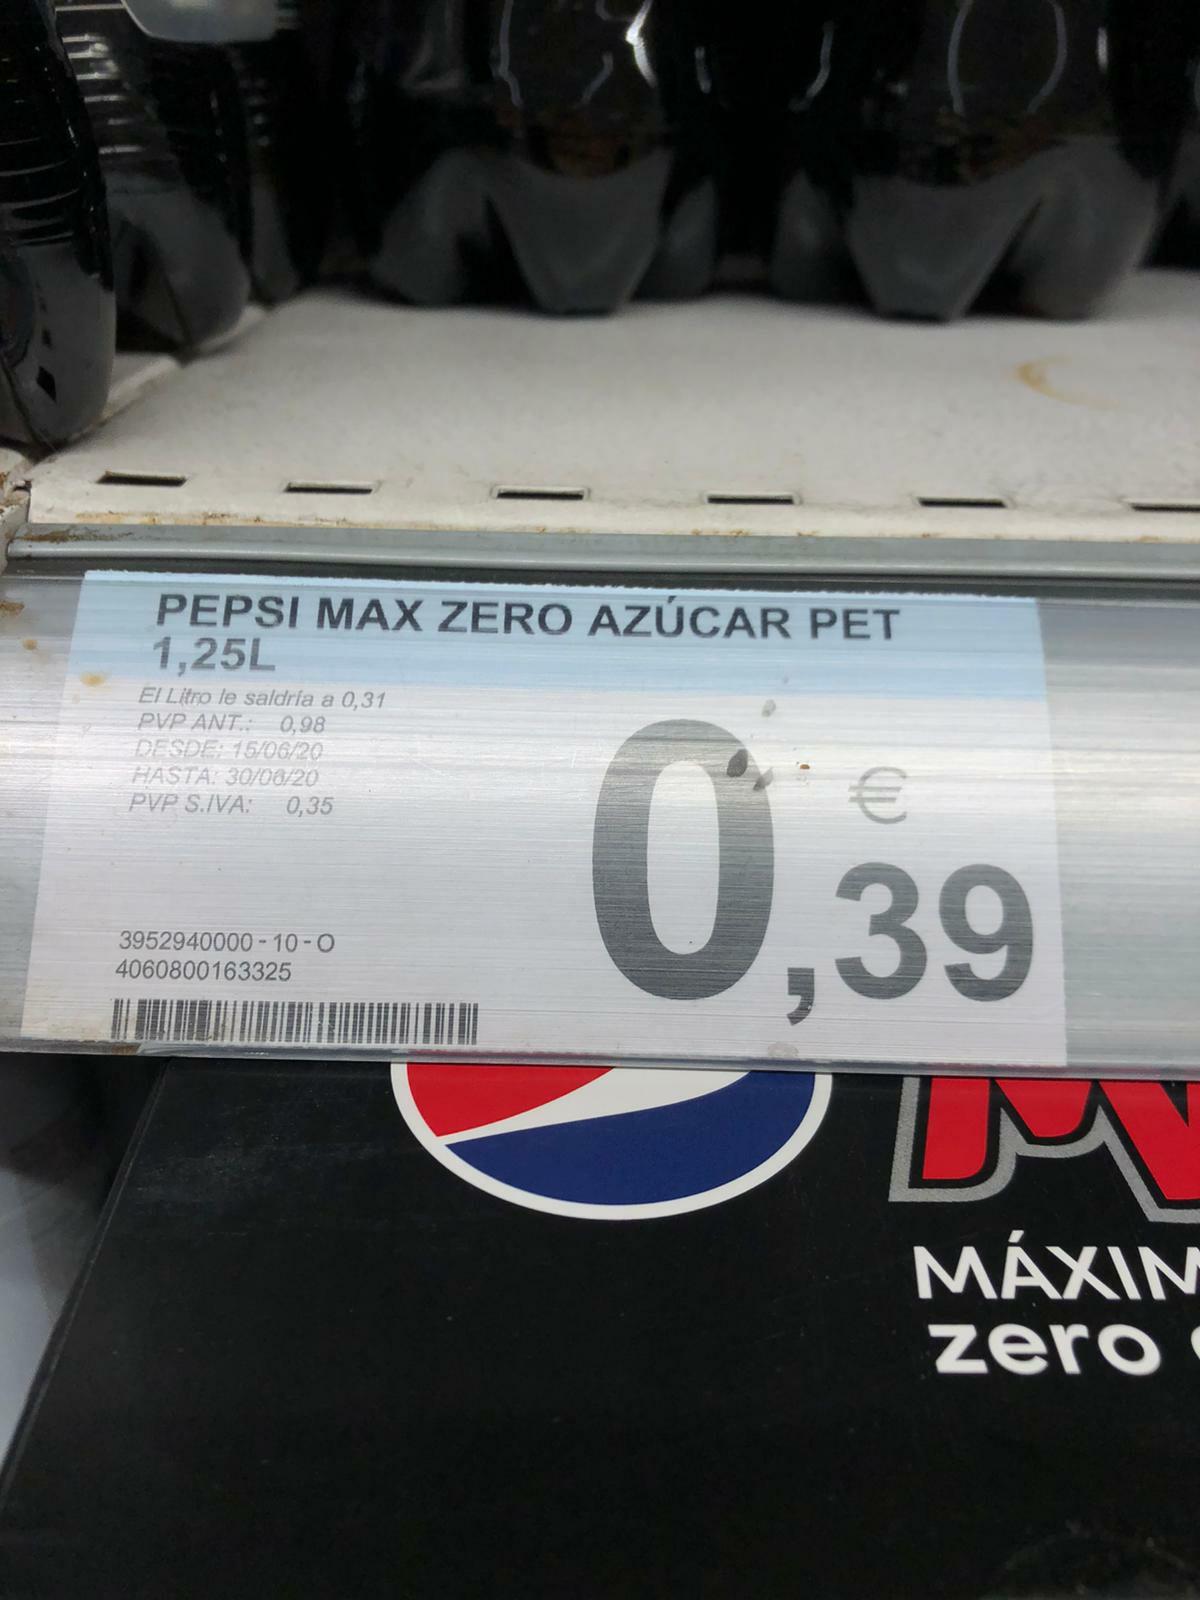 Pepsi Max 1'25 L muy económica en carrefour de Hortaleza (Madrid)